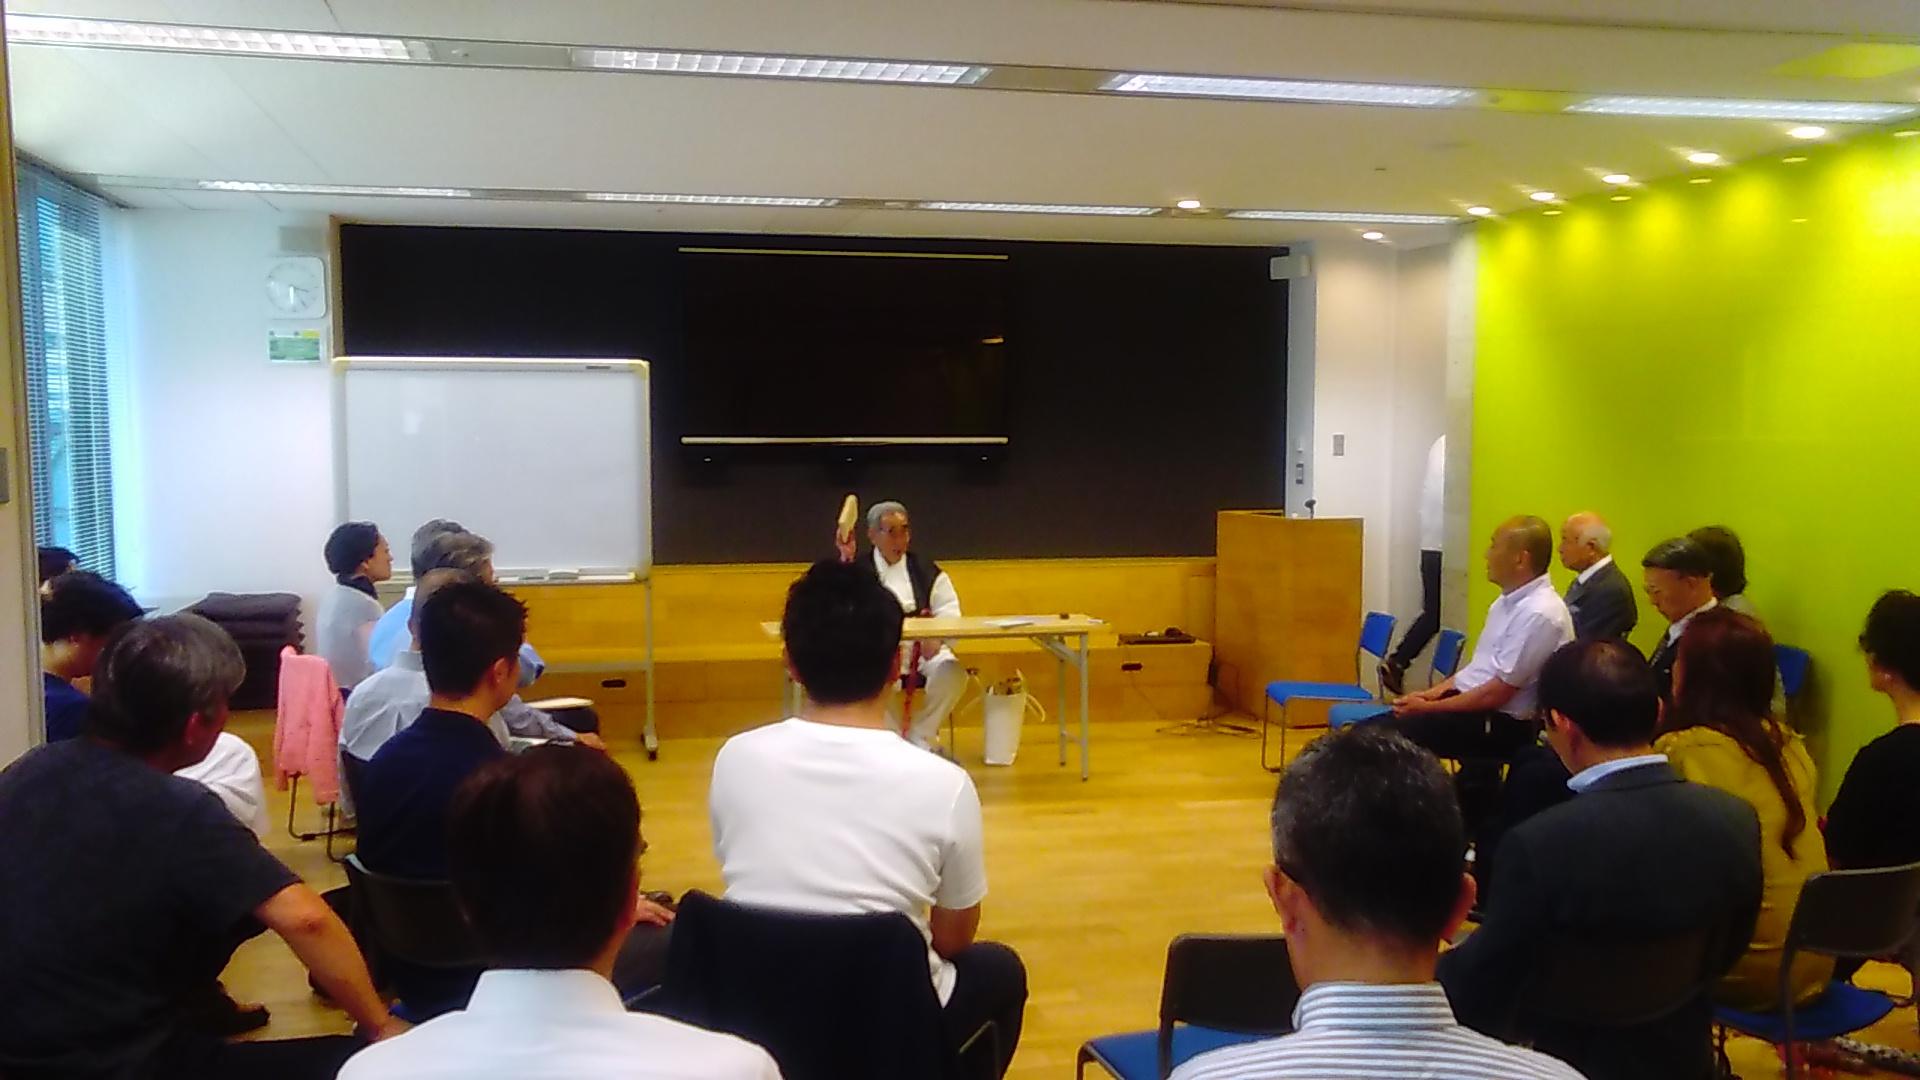 KIMG1394 - 第5回東京思風塾「使命を見つけ出すための6つの問いとは」をテーマに開催